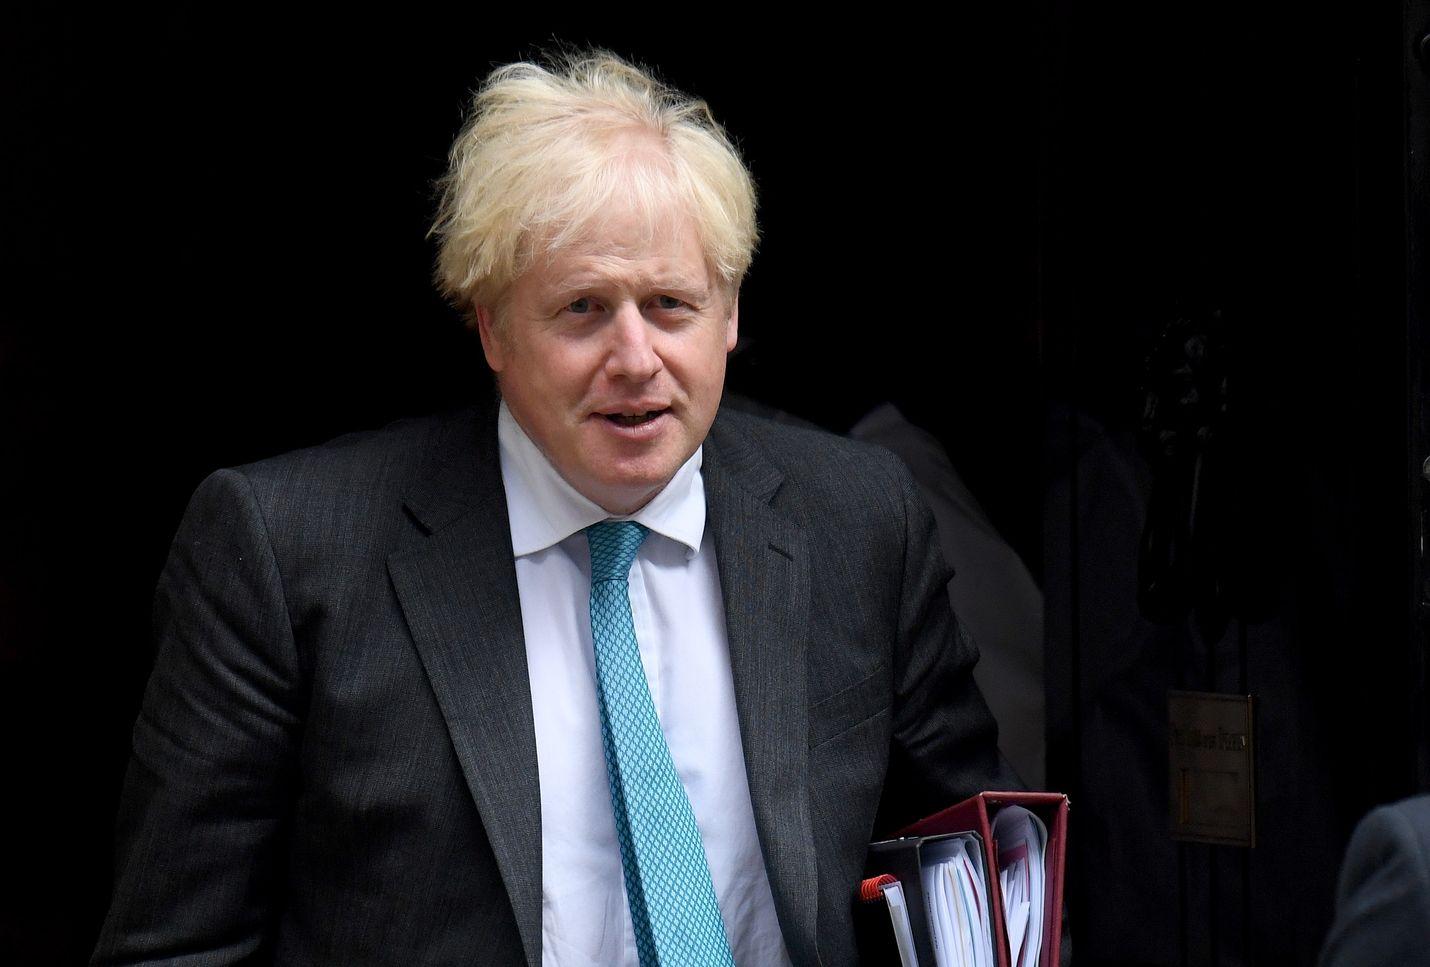 Johnsonin mukaan sisämarkkinalaki on ainoa tapa varmistaa Britannialle suotuisa kaupankäynti.